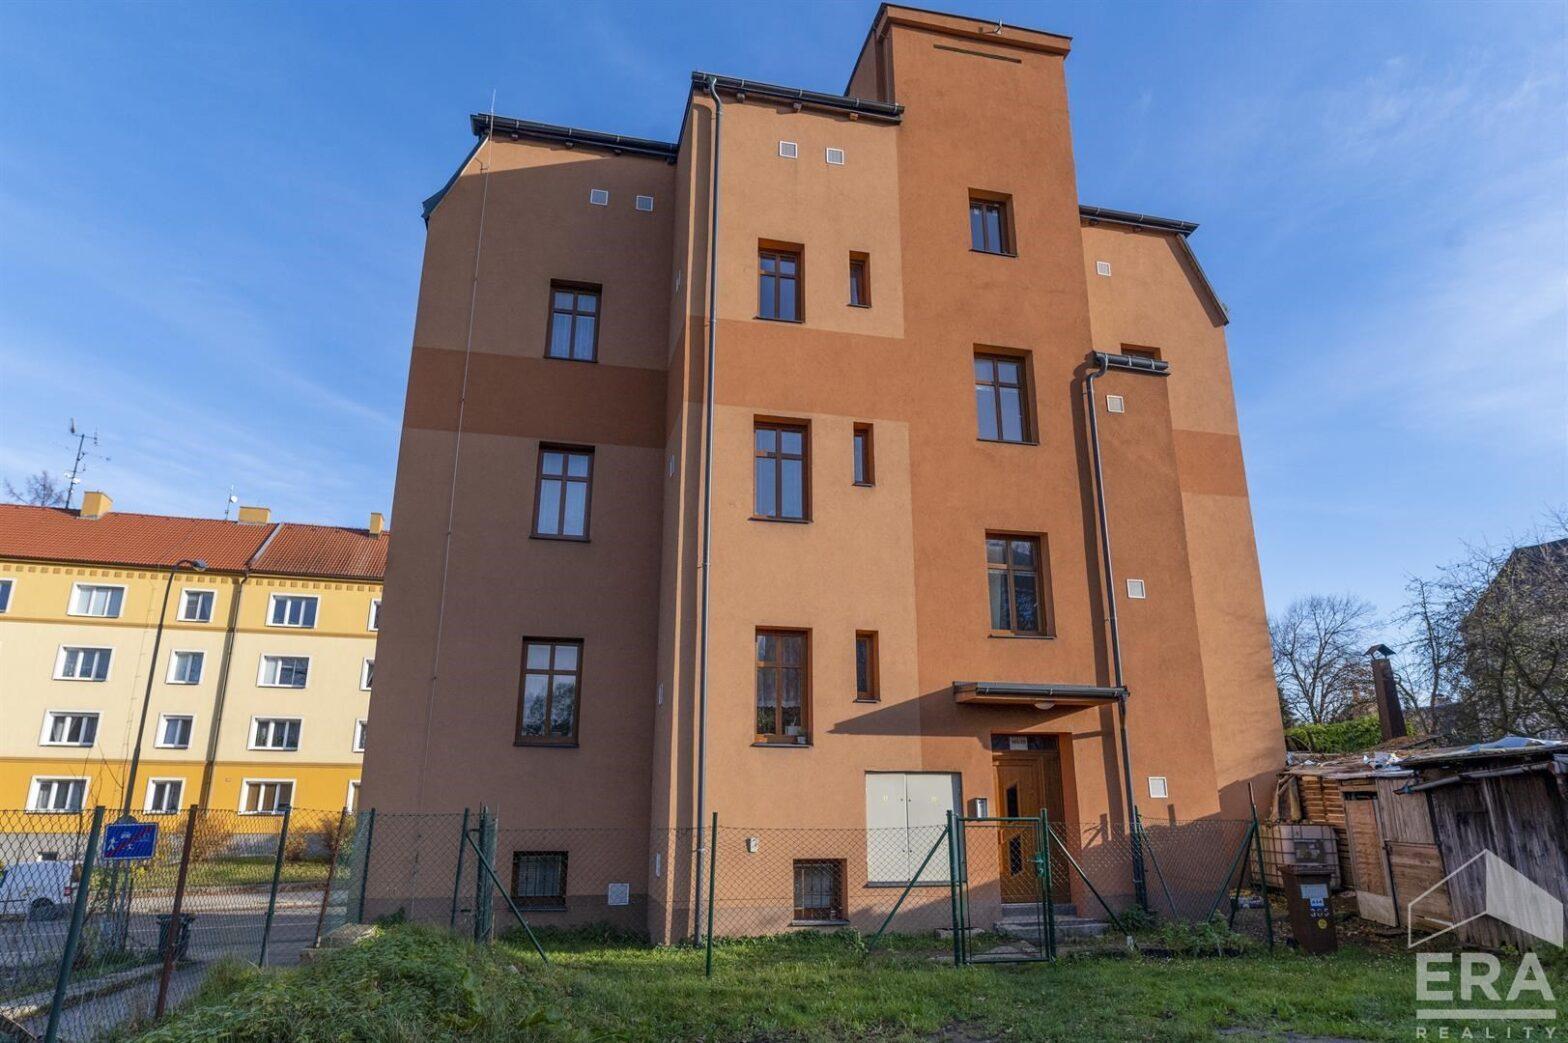 Prodej bytového domu v Rochlicích